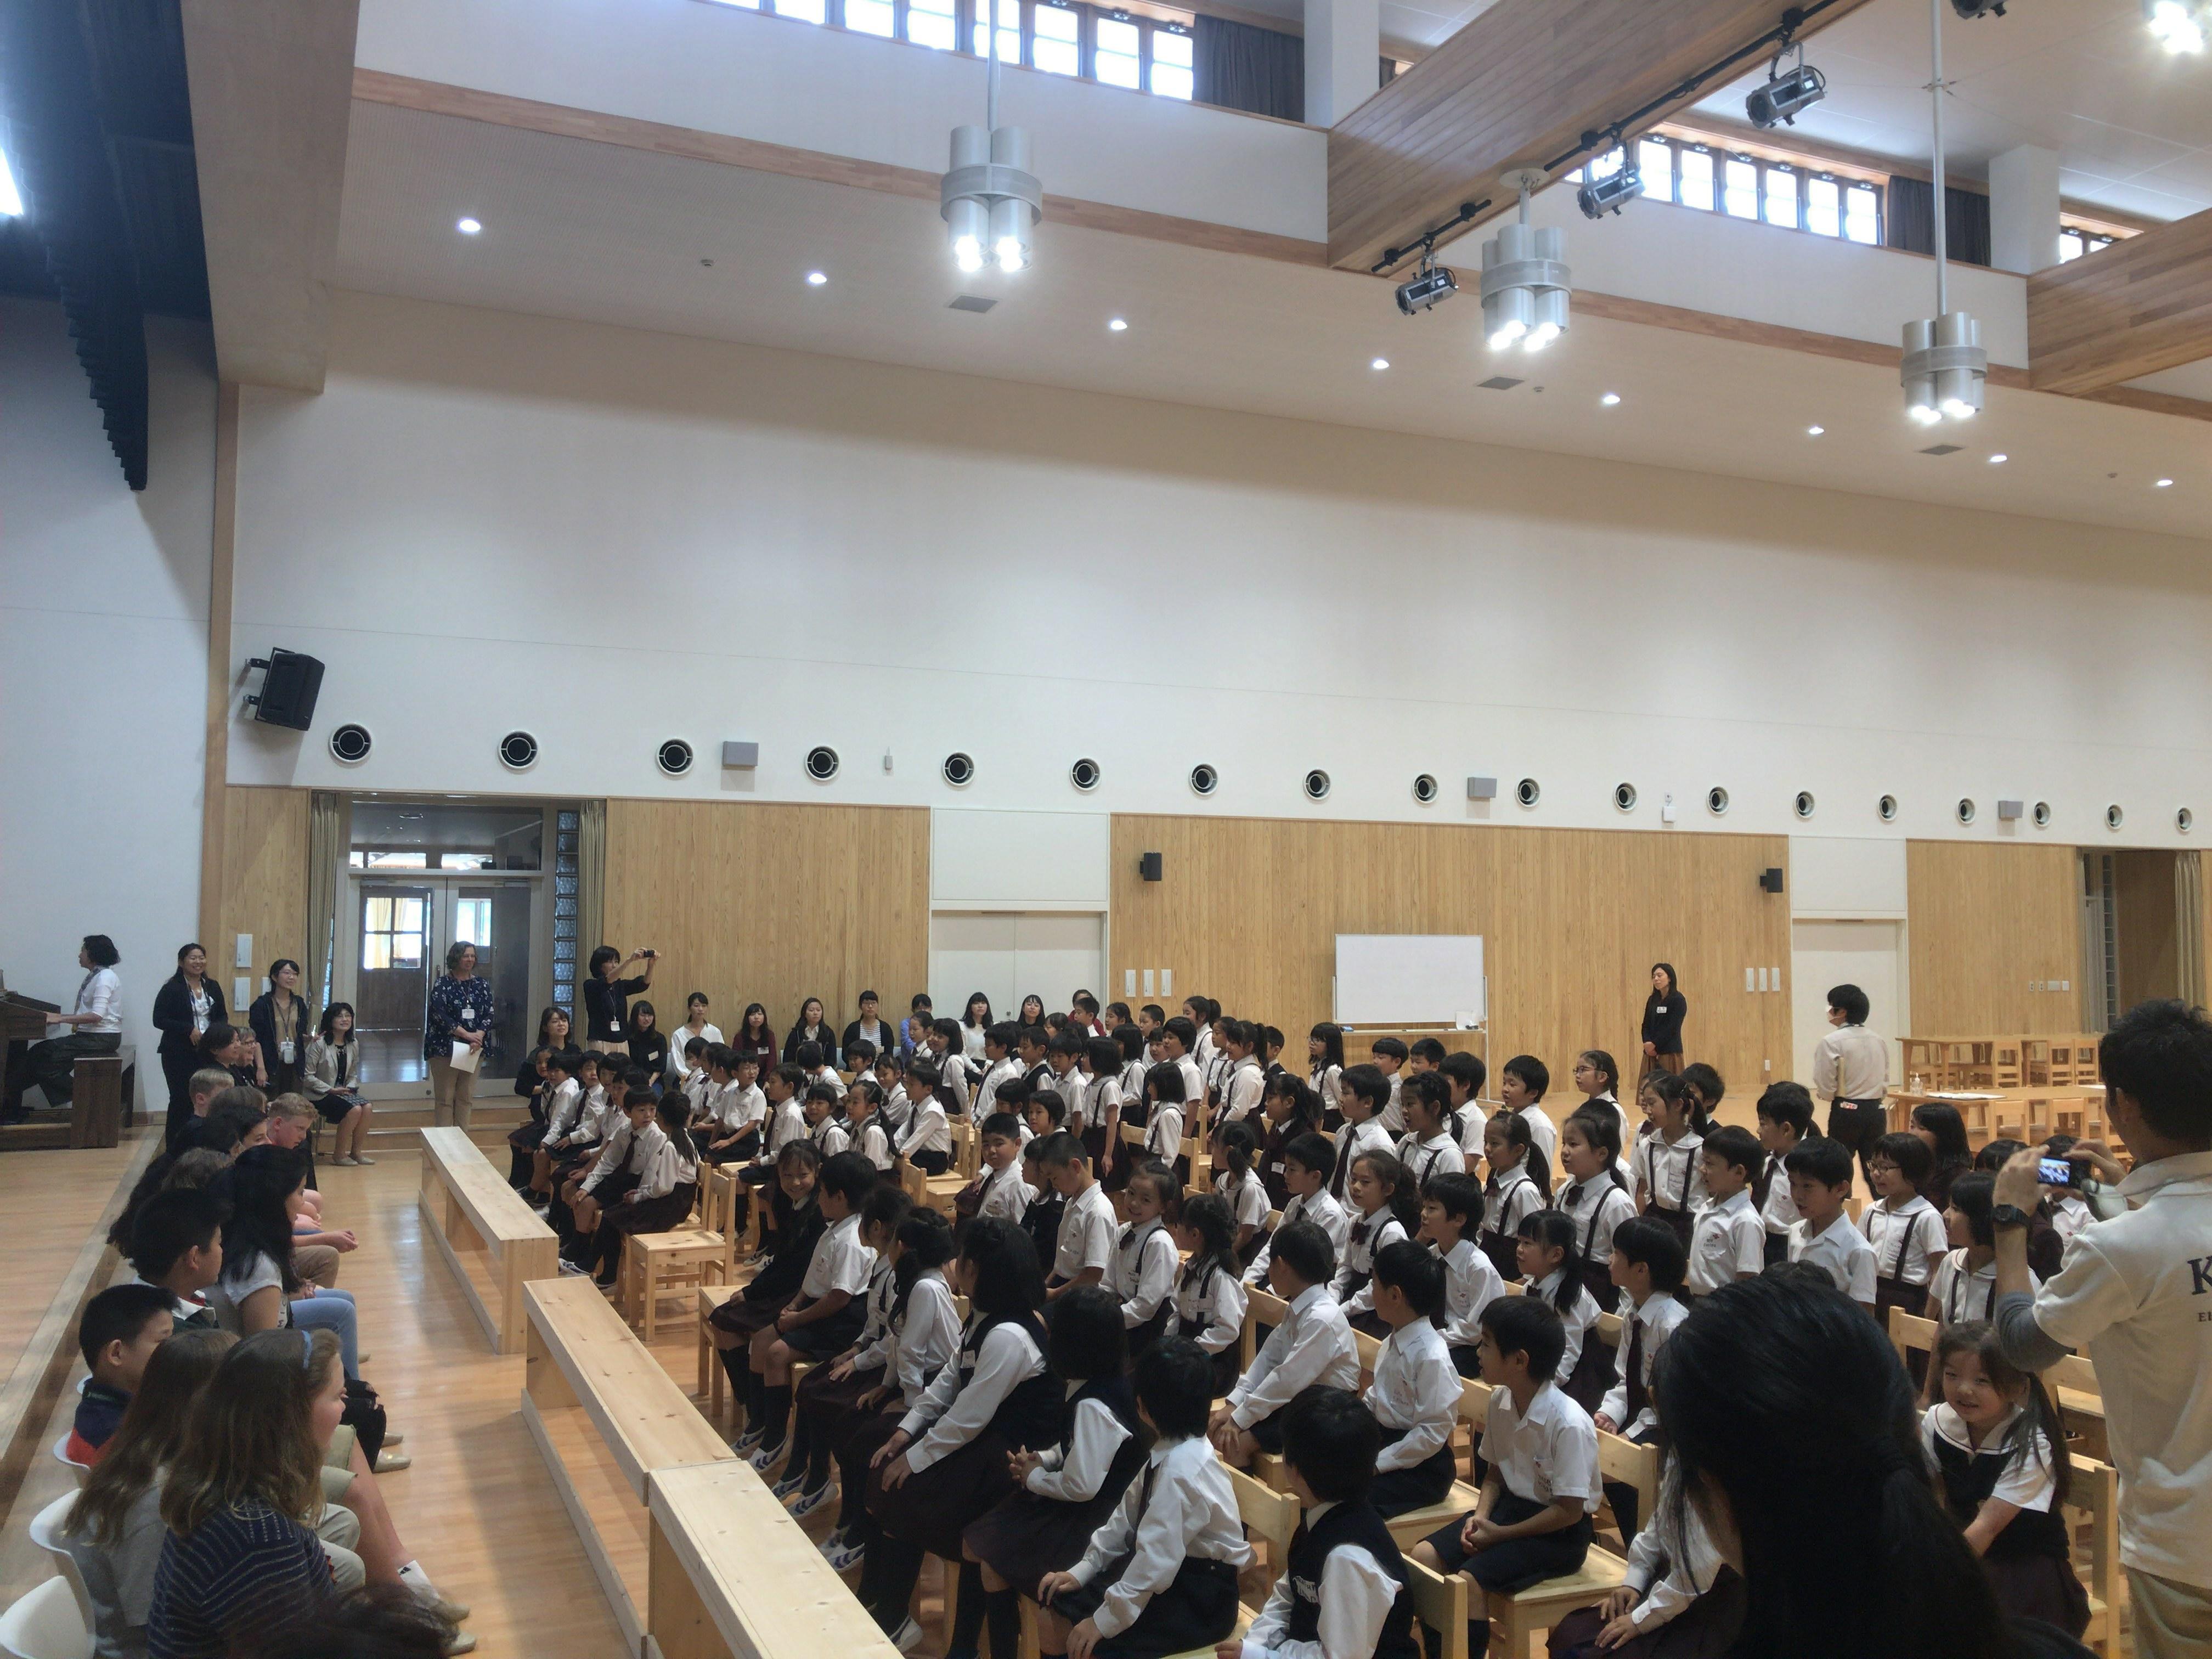 ウェストンミンスター校と交流